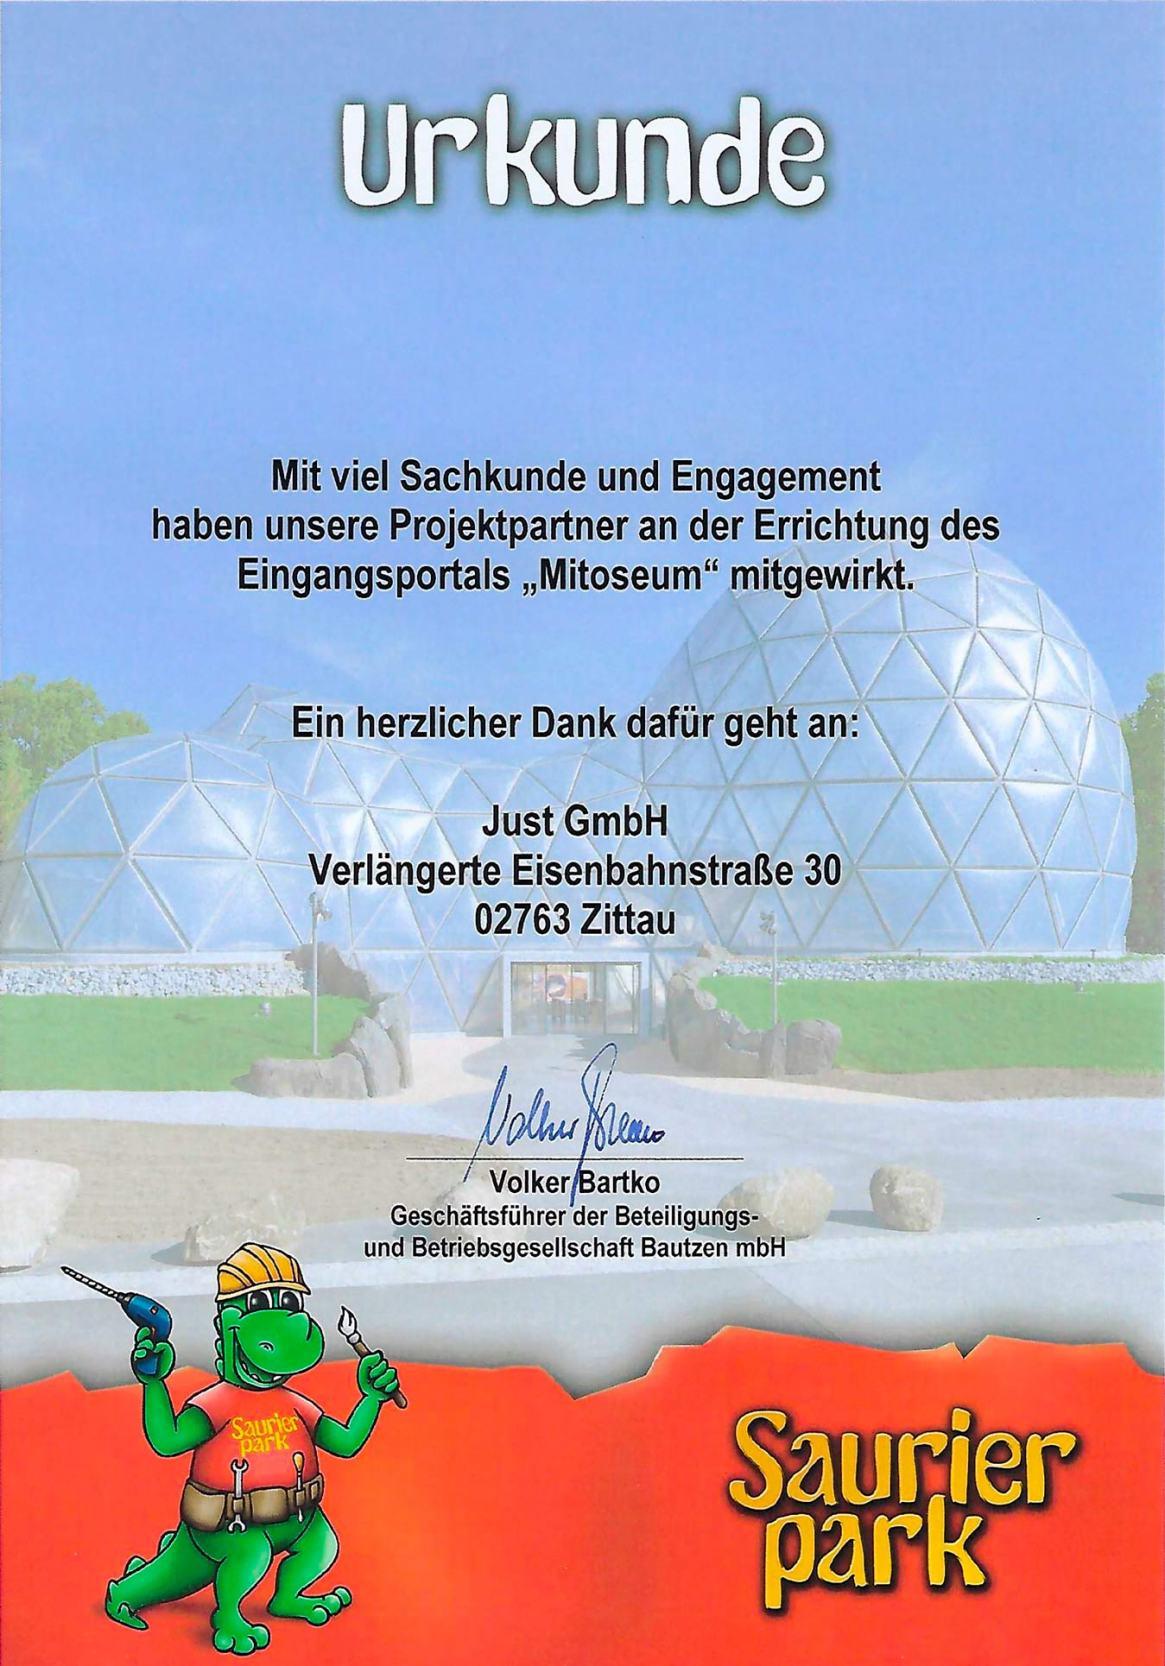 Urkunde-Saurierpark-Just-GmbH